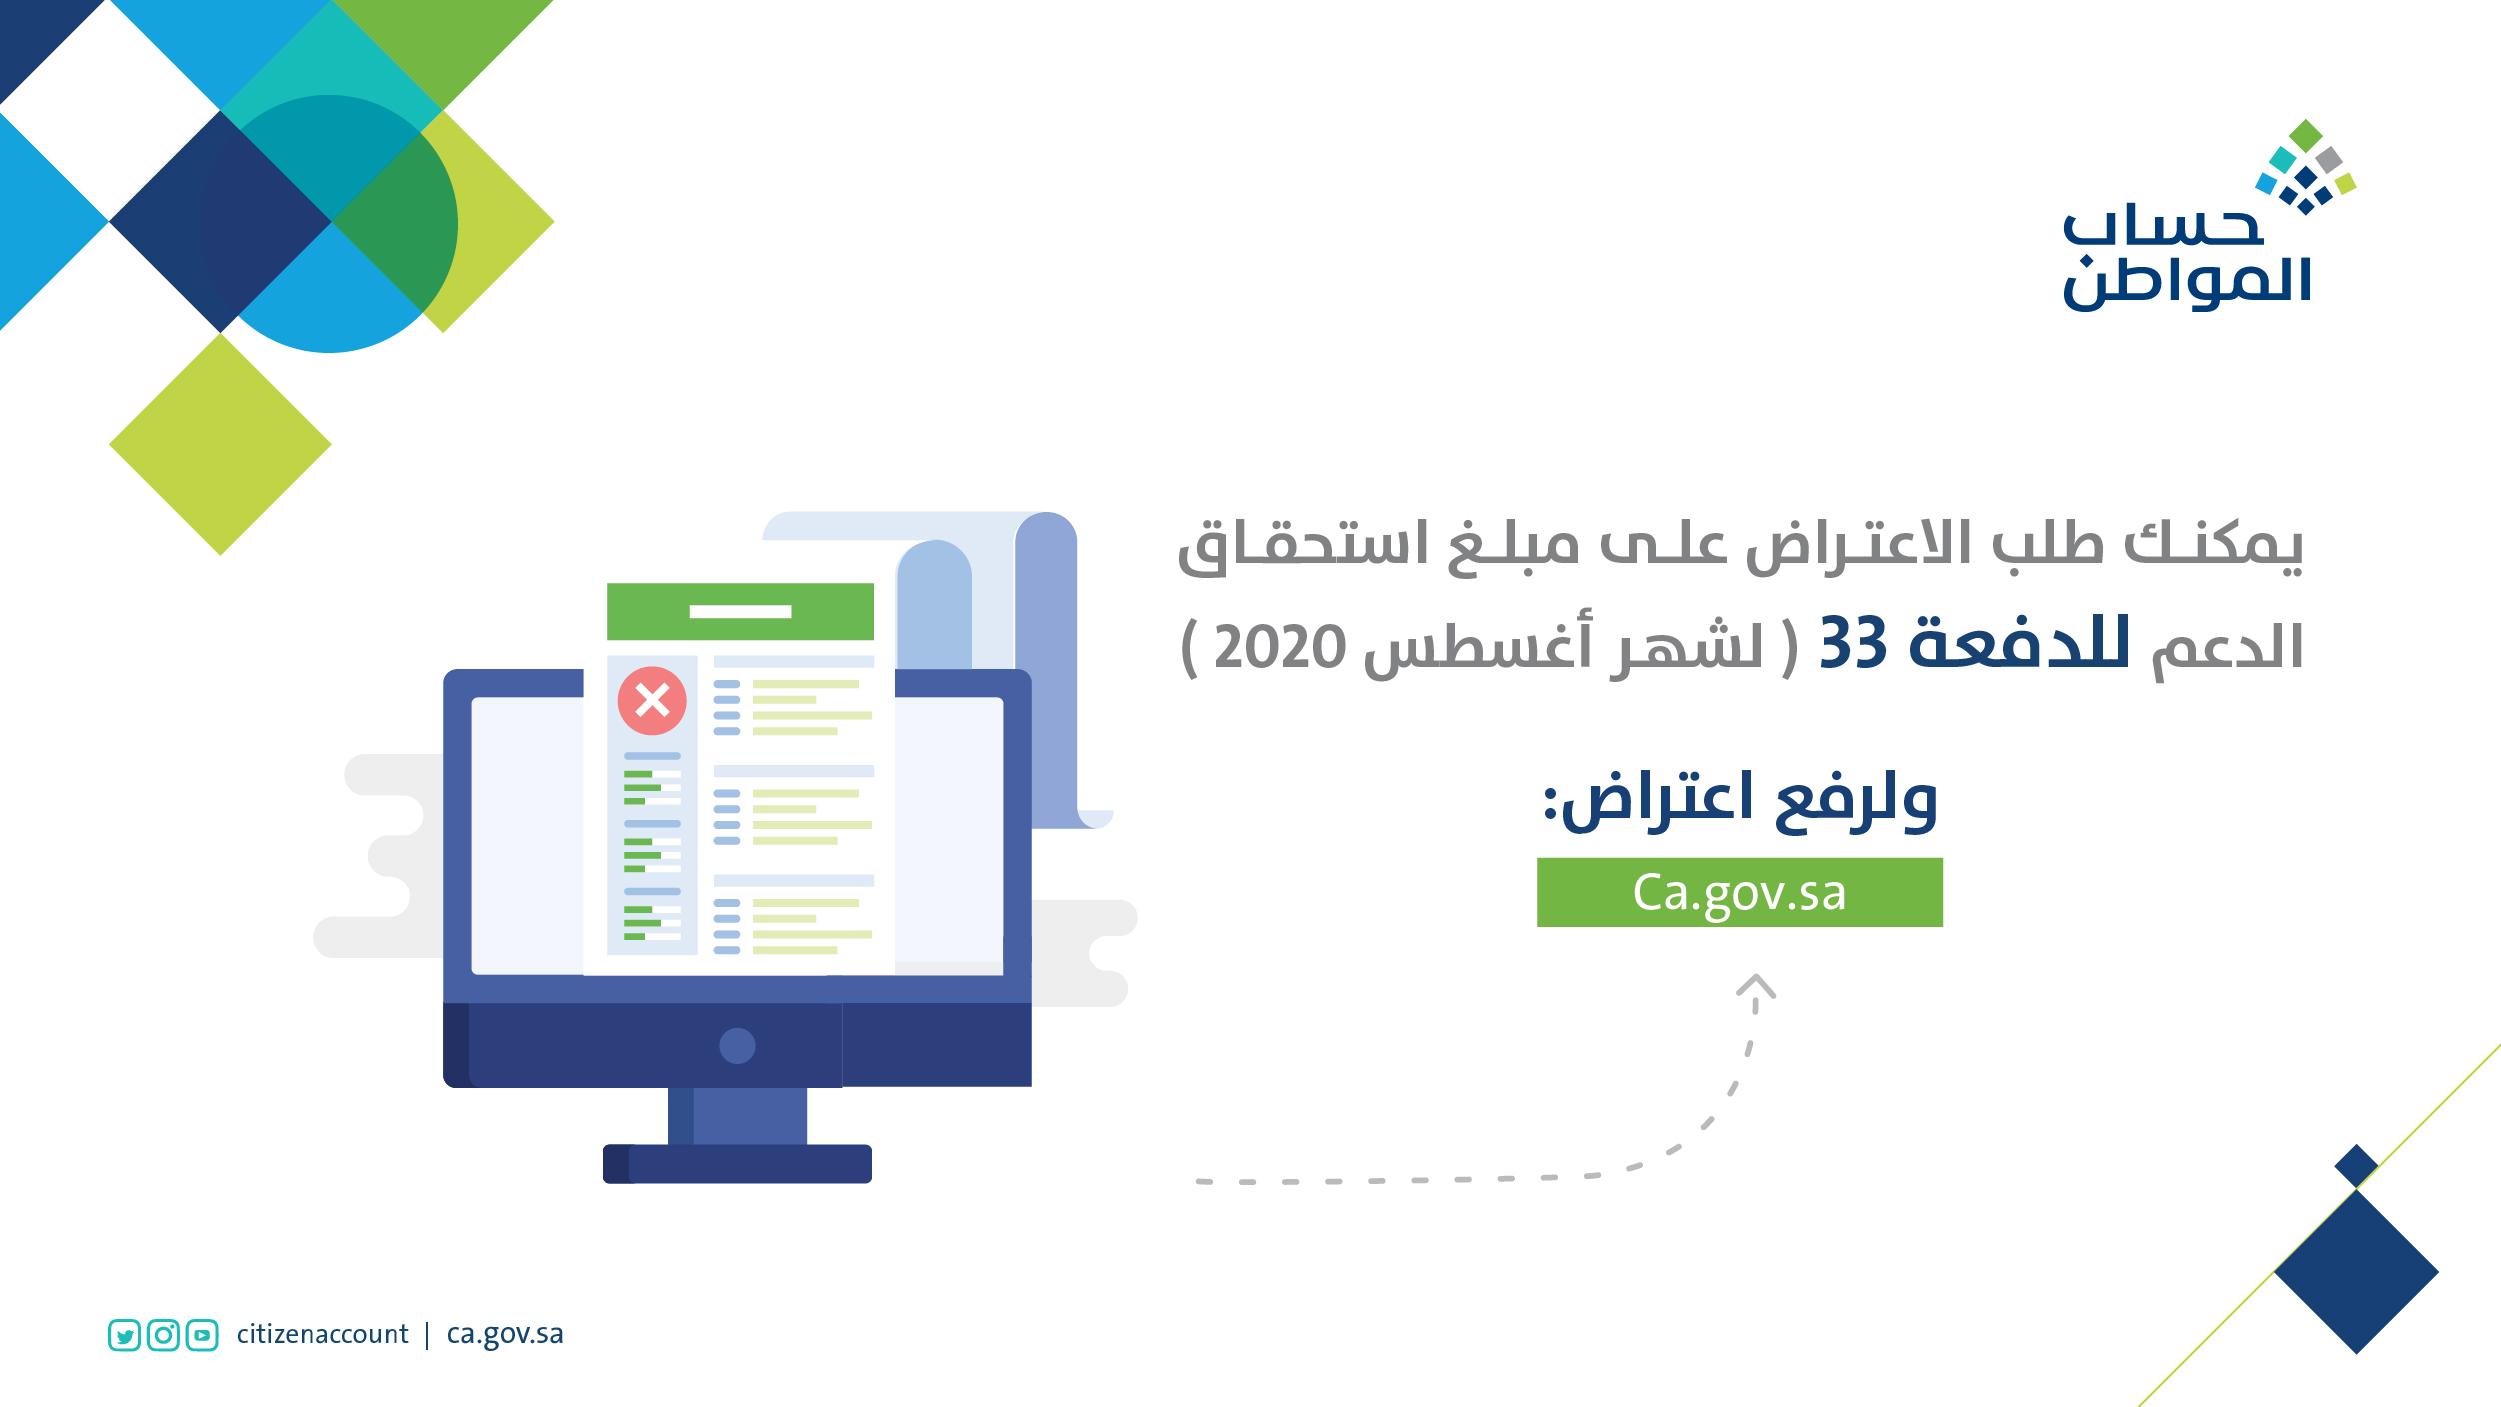 حساب المواطن يستقبل طلب الاعتراض على مبلغ الدعم للدفعة 33